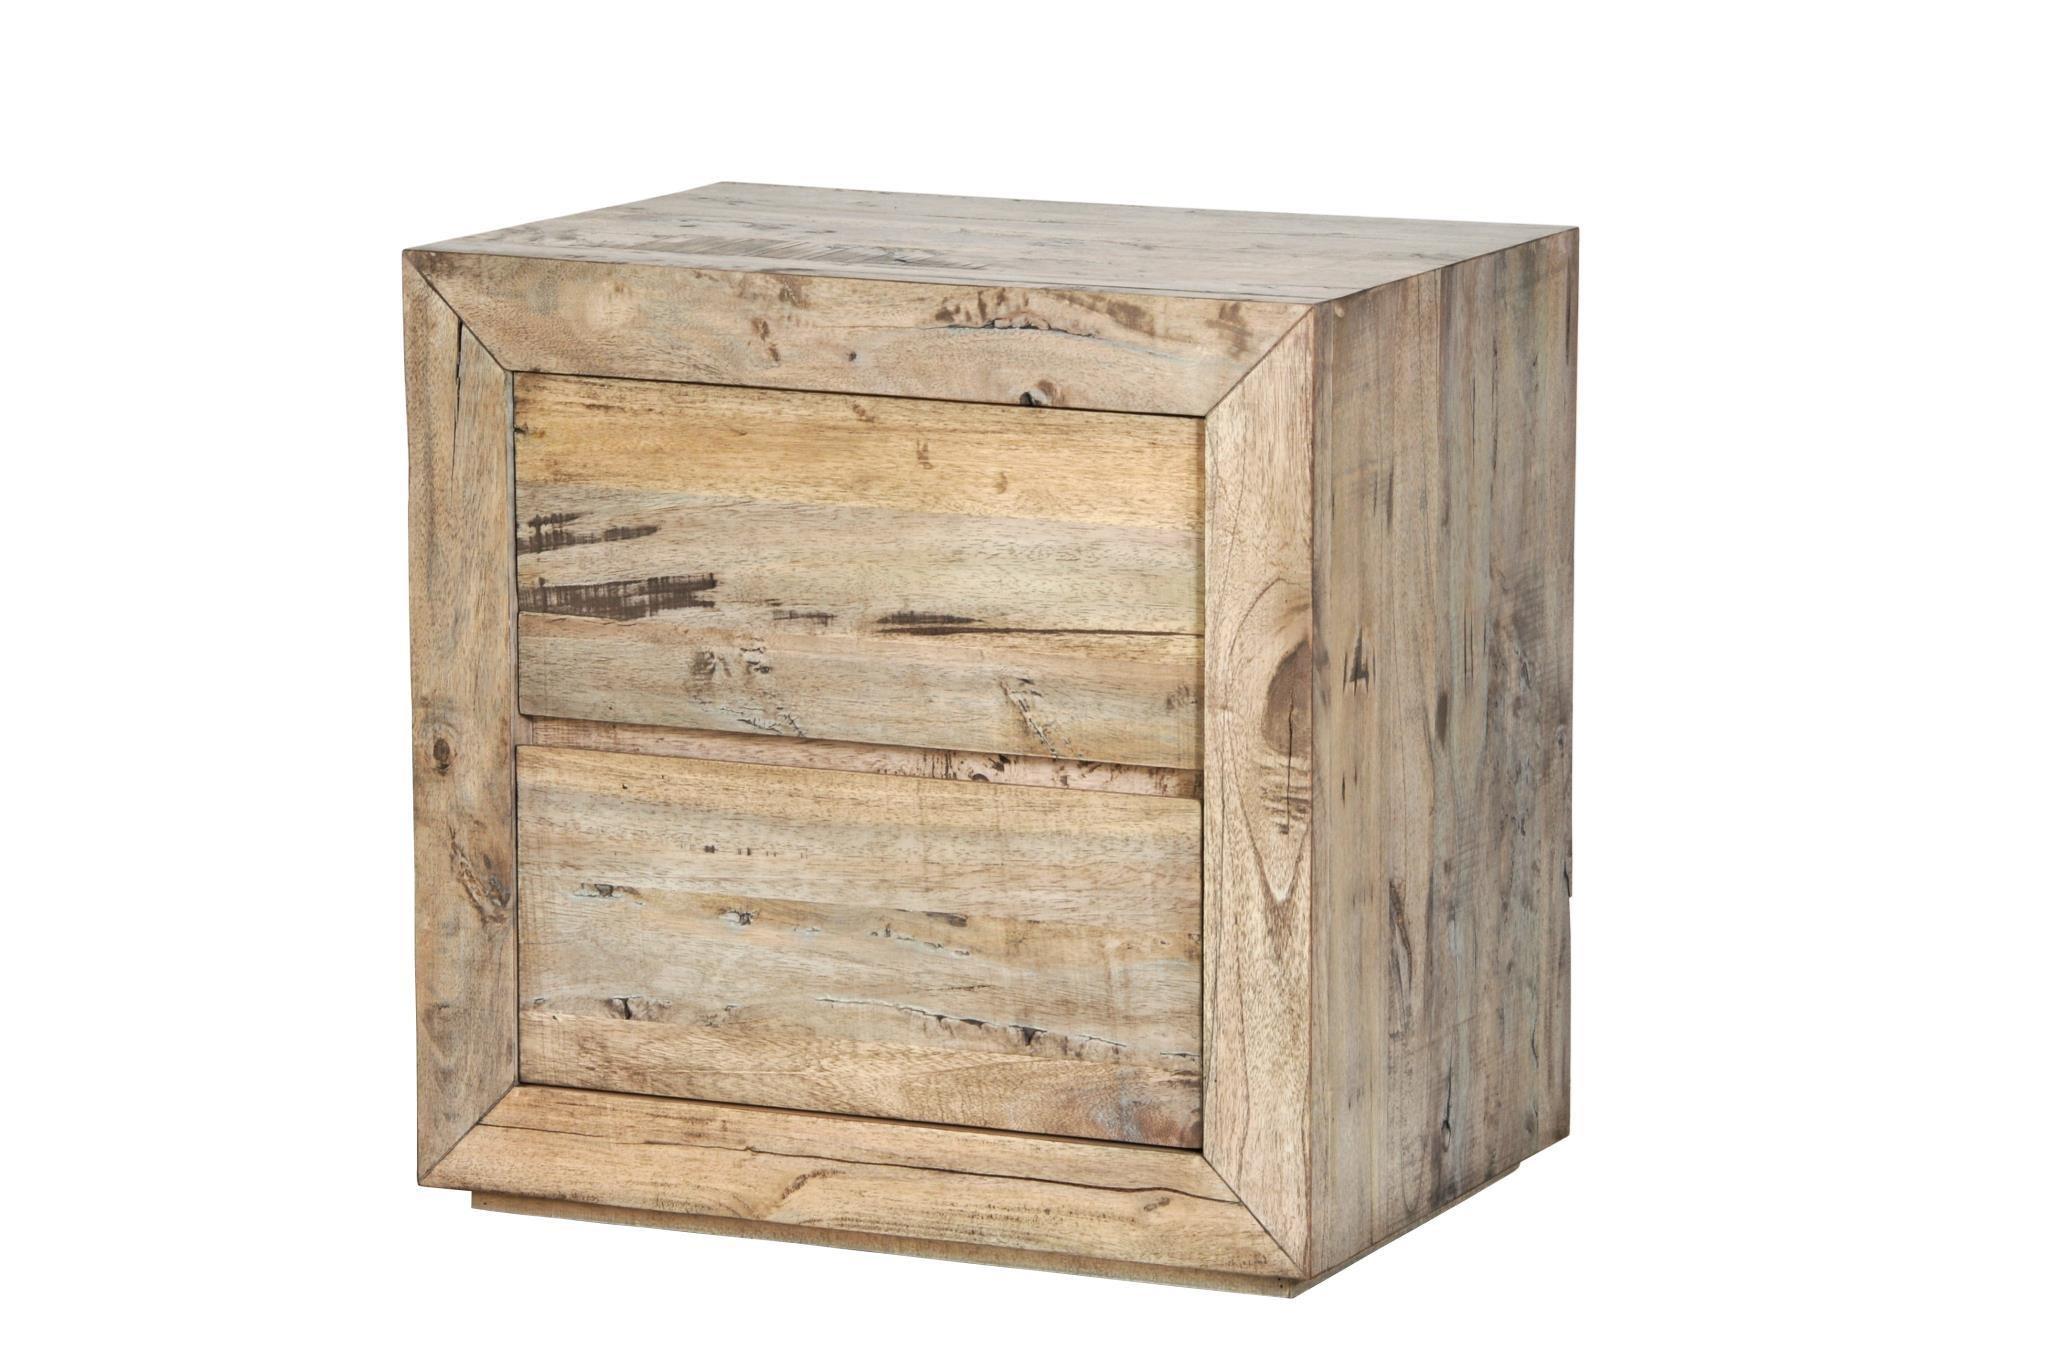 Napa Furniture Designs Renewal 2 Drawer Nightstand - Item Number: 200-02